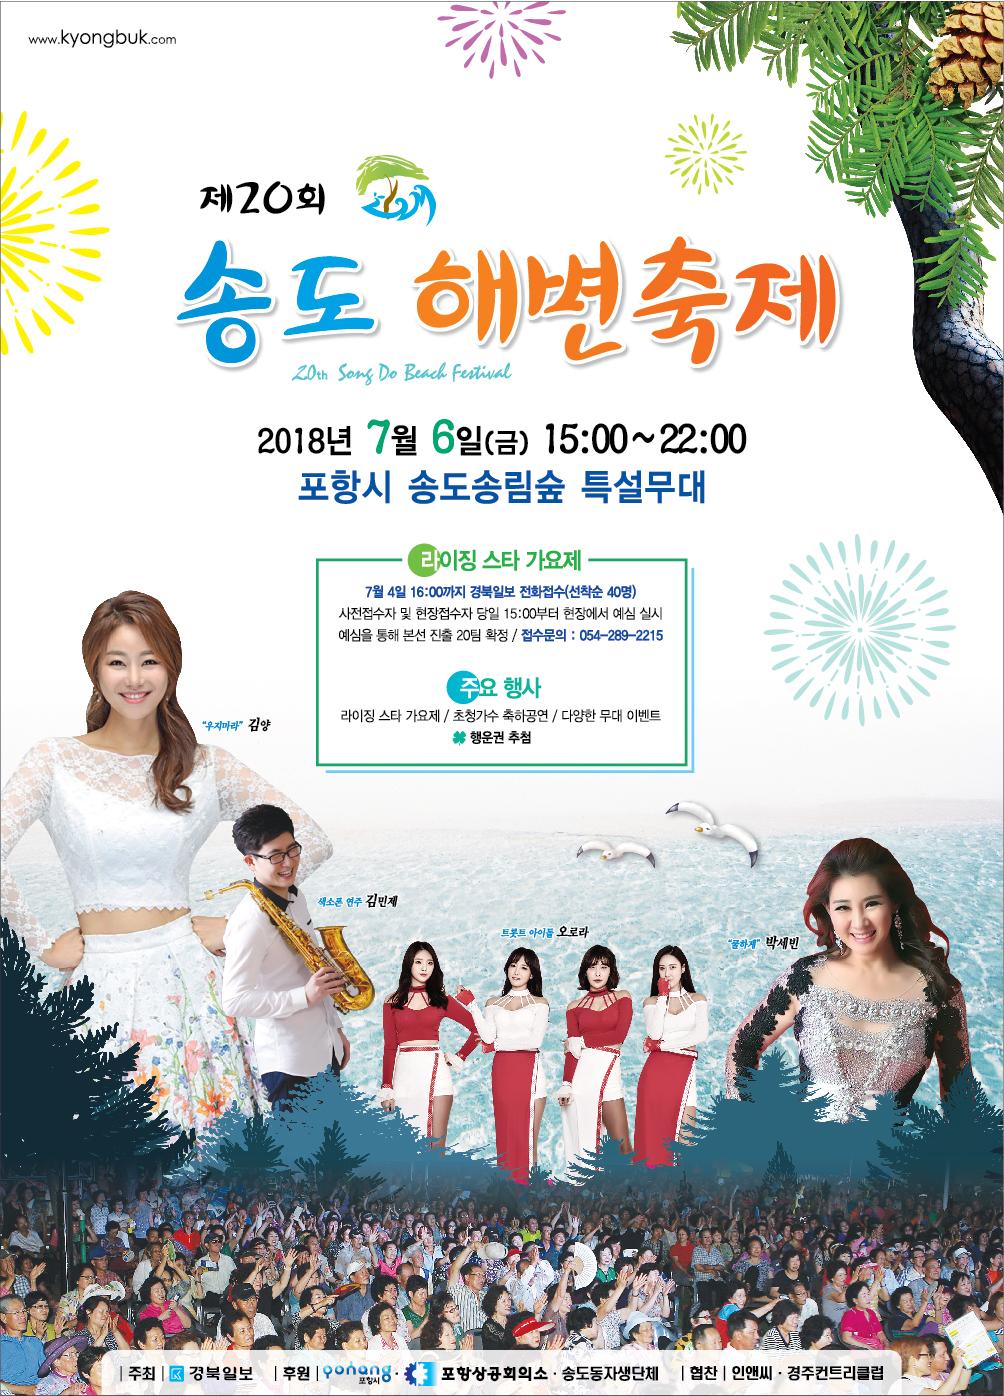 2018_제20회 송도해변축제_pop.png